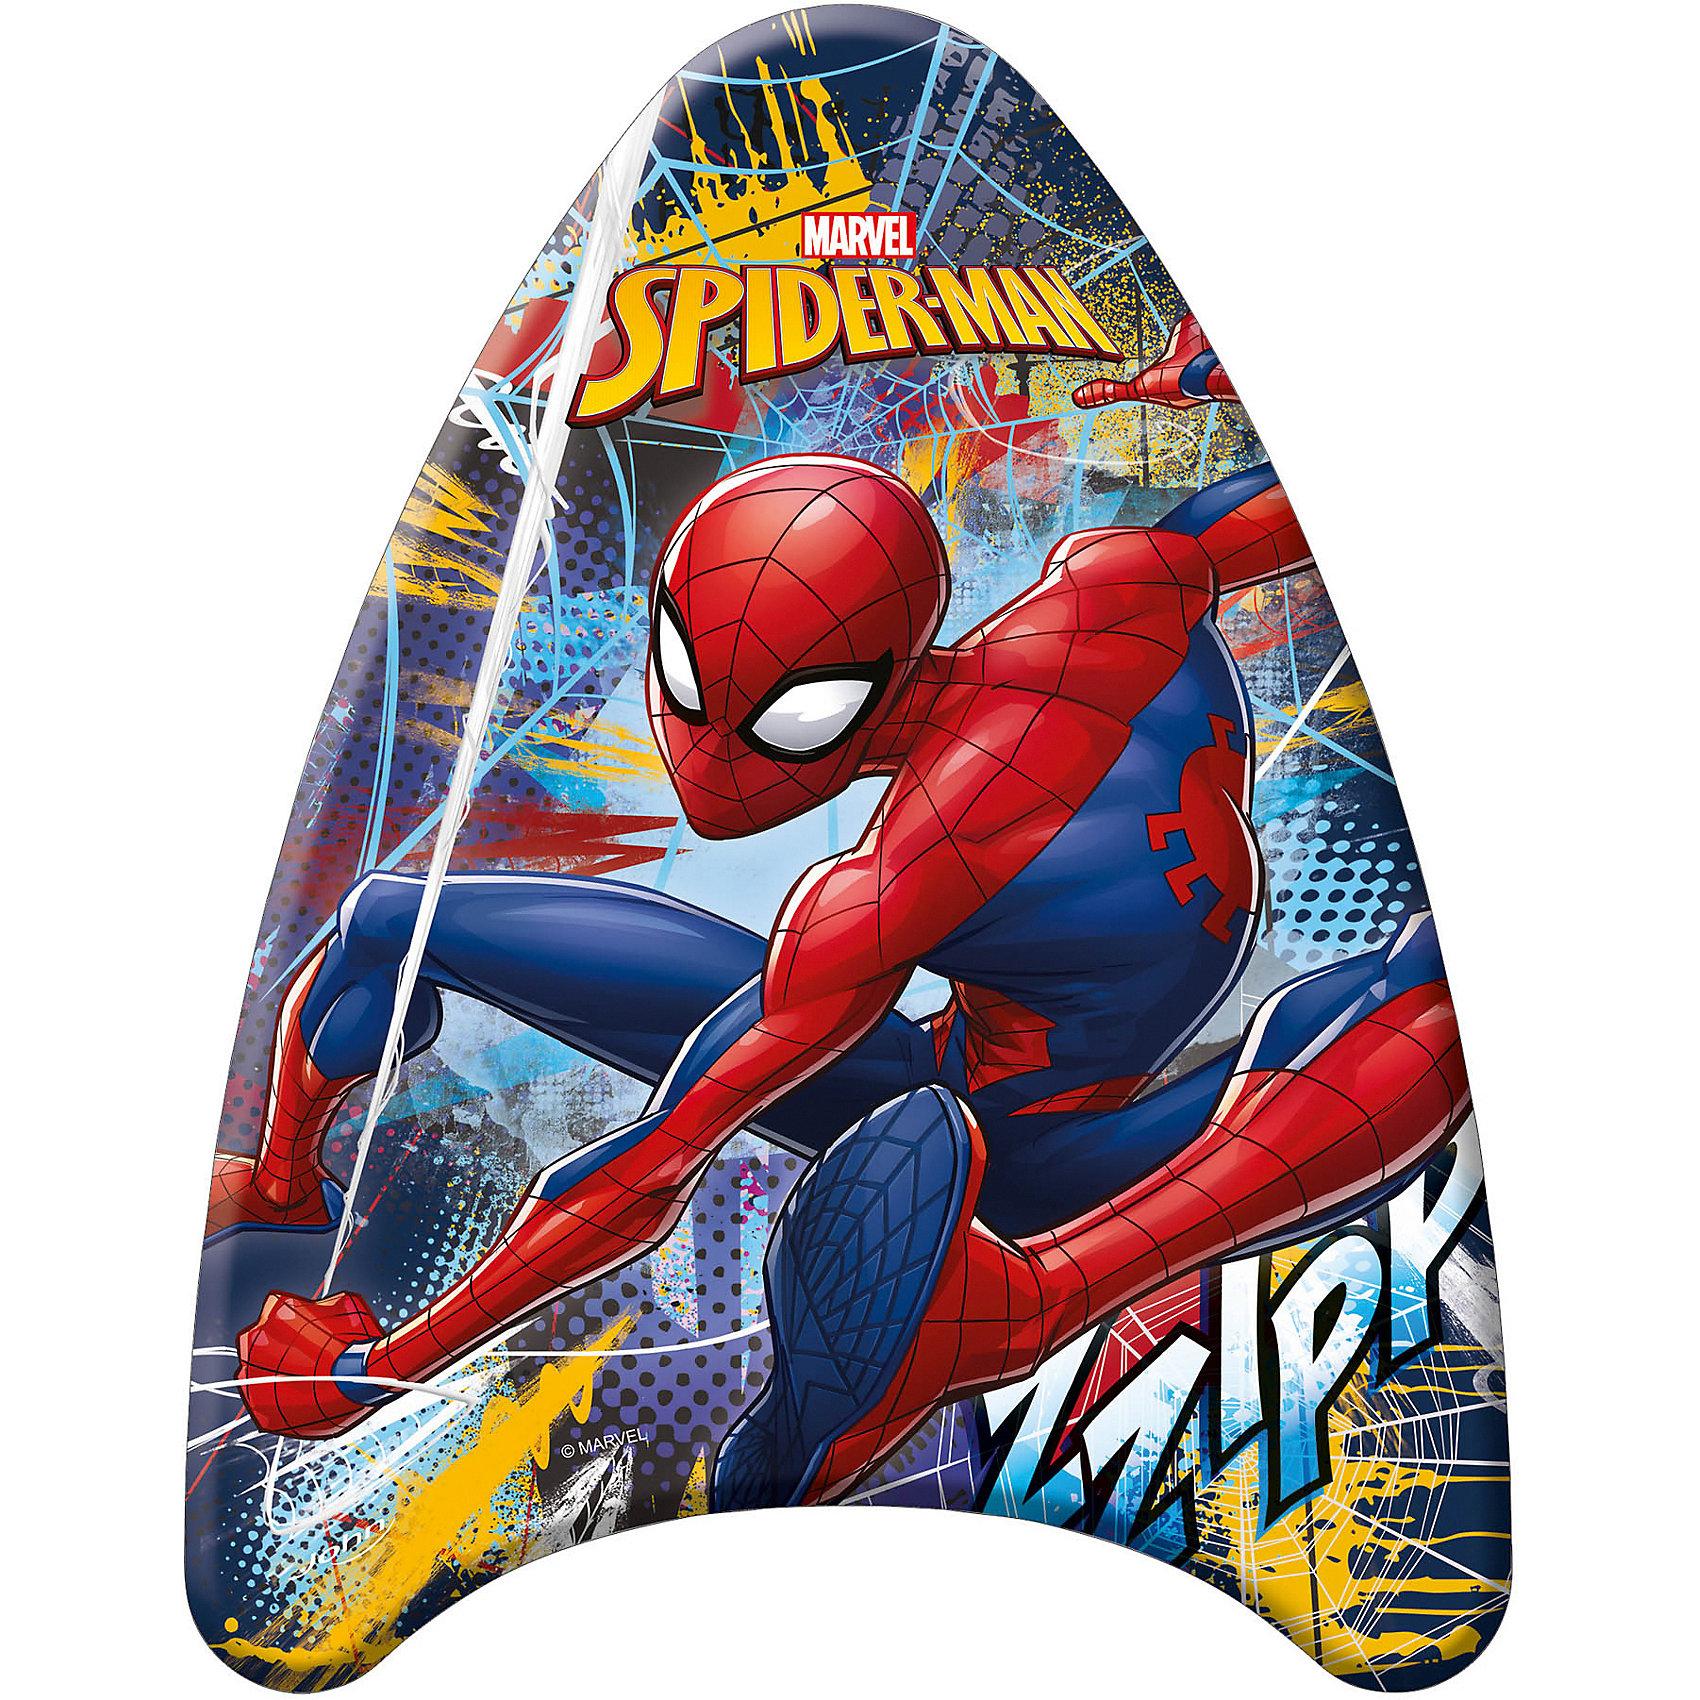 Доска для плавания (малая), Человек-ПаукКруги и нарукавники<br>Доска для плавания (малая), Человек-Паук (Spider-Man).<br><br>Характеристика:<br><br>• Материал: пенопласт, ПВХ. <br>• Размер: 42х32х3,5 см <br>• Максимальная нагрузка: 30 кг <br>• Вес: 175 г.<br>• Треугольная обтекаемая форма, препятствующая опрокидыванию.<br>• Оформлена изображением Человека-Паука (Spider-Man) .<br><br>Внимание! <br>Не является спасательным средством! Использовать только под наблюдением опытного инструктора или при непосредственном участии родителей!<br><br>Доска с изображением любимого героя станет неизменным спутником вашего ребенка во время купания и игр в воде.  Доска изготовлена из высококачественного прочного материала, с использованием стойких, нетоксичных, безопасных для детей красителей. Имеет треугольную форму, препятствующую опрокидыванию и помогающую удерживаться на поверхности. <br><br>Доску для плавания (малую), Человек-Паук (Spider-Man), можно купить в нашем интернет-магазине.<br><br>Ширина мм: 35<br>Глубина мм: 420<br>Высота мм: 320<br>Вес г: 175<br>Возраст от месяцев: 36<br>Возраст до месяцев: 144<br>Пол: Мужской<br>Возраст: Детский<br>SKU: 3168458